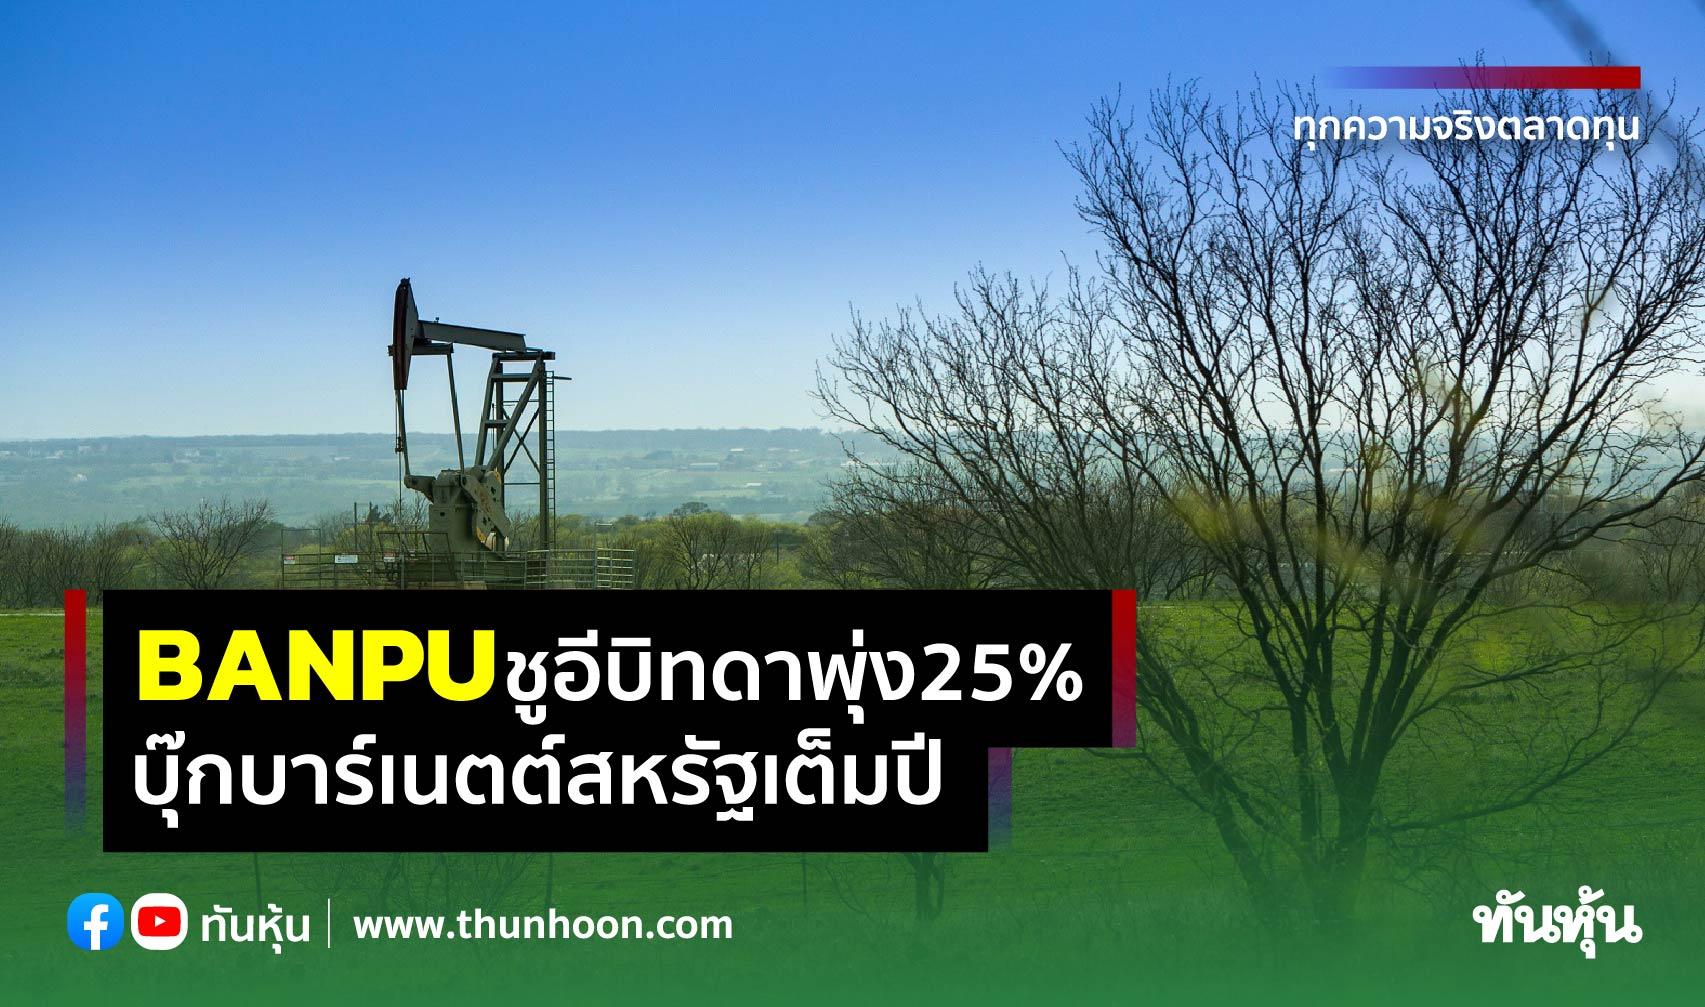 BANPUชูอีบิทดาพุ่ง25% บุ๊กบาร์เนตต์สหรัฐเต็มปี